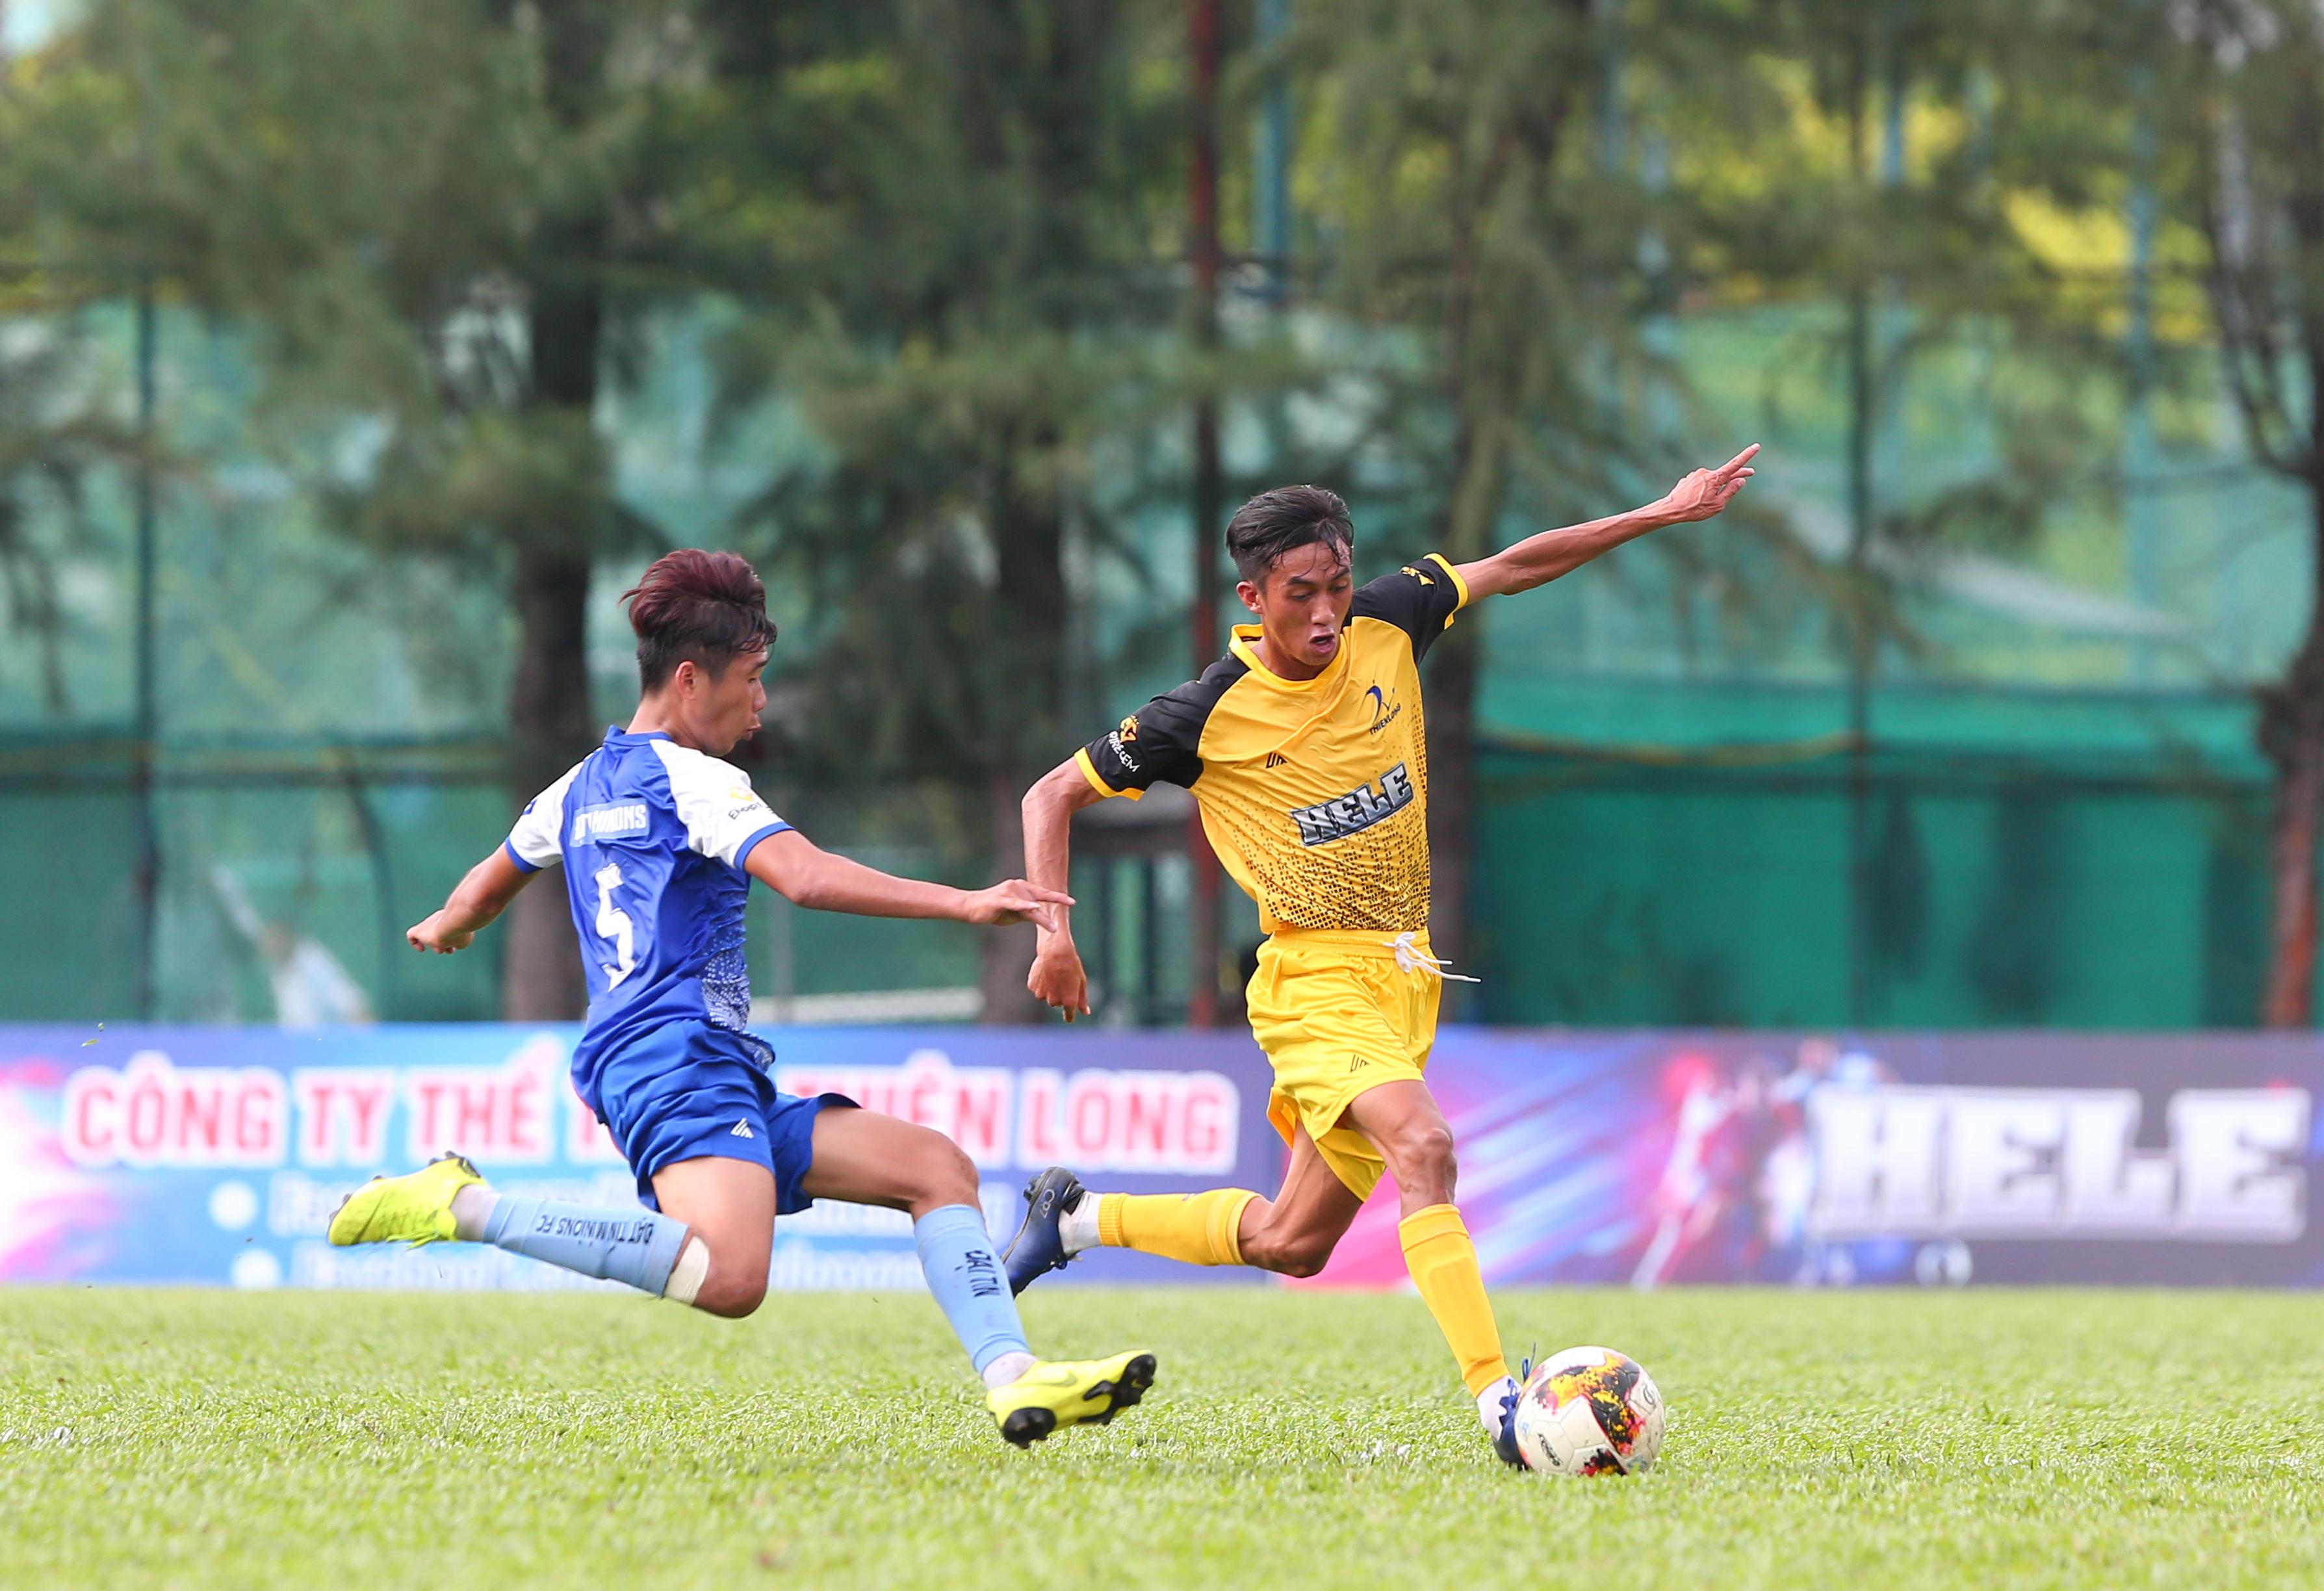 Giải Thể thao Thên Long tranh Cup Hele 2019: FC Minh Nhật bứt phá, Dũng SEA và Tân Phú FC còn cửa vô địch - Bóng Đá